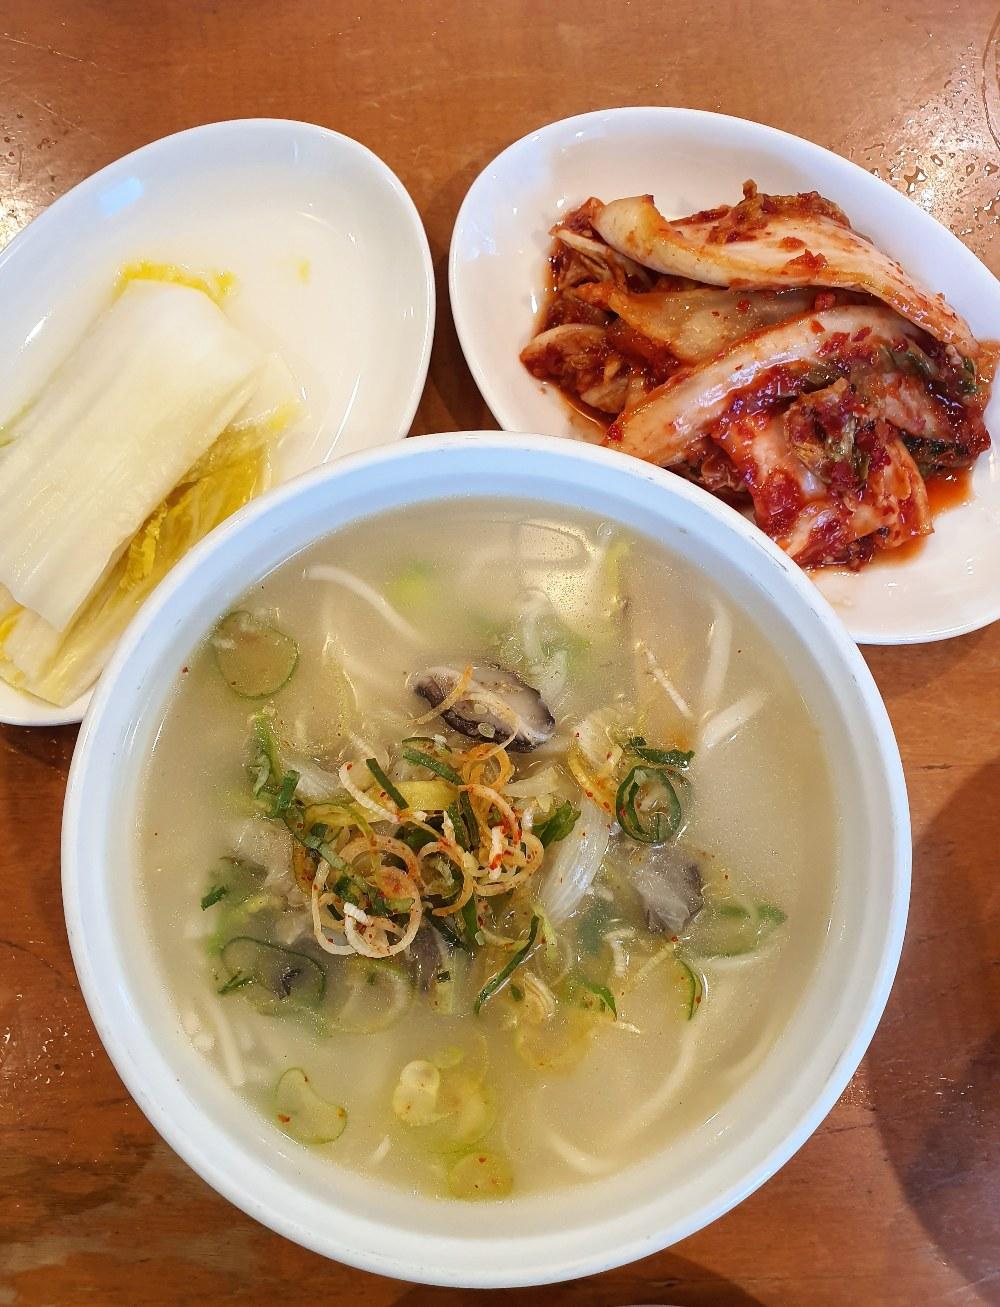 황생가칼국수의 사골칼국수, 한우 사골로 우려낸 담백하고 든든한 육수 ⓒ Seonyoung Im